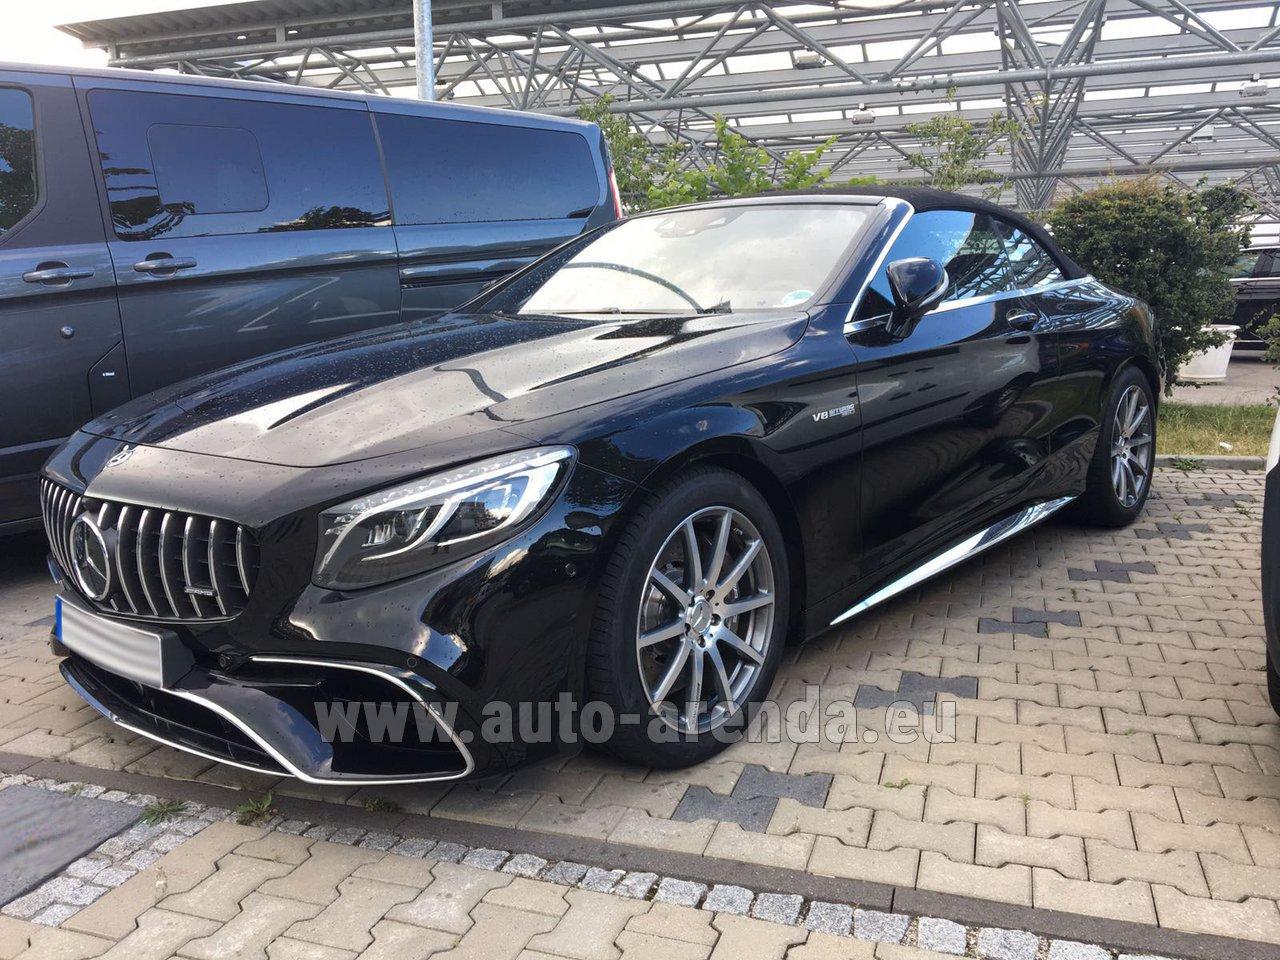 Saint cyr sur mer mercedes benz s 63 amg cabriolet v8 for Mercedes benz v8 biturbo price